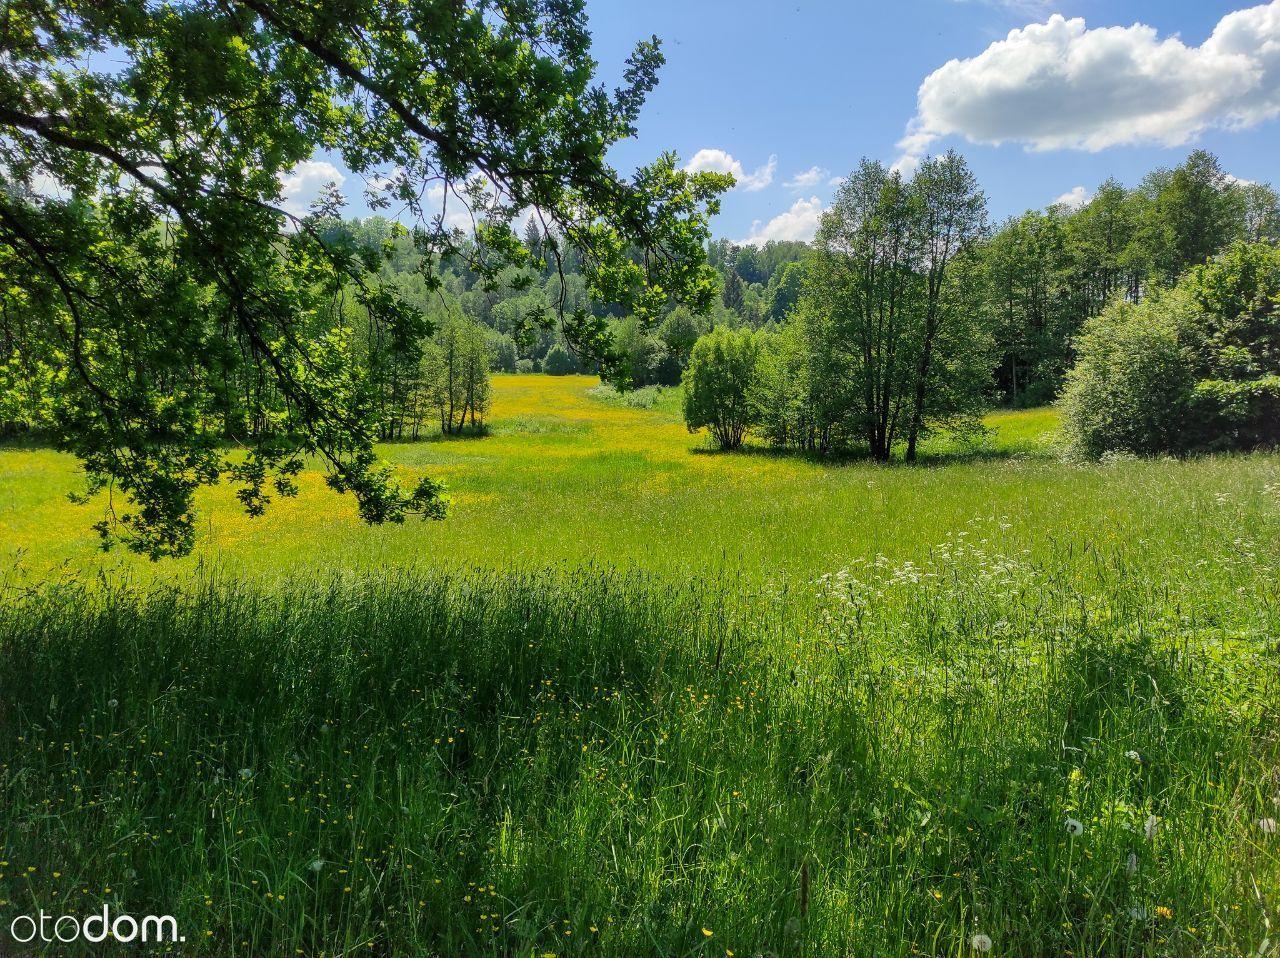 Działka rolna, oaza spokoju.